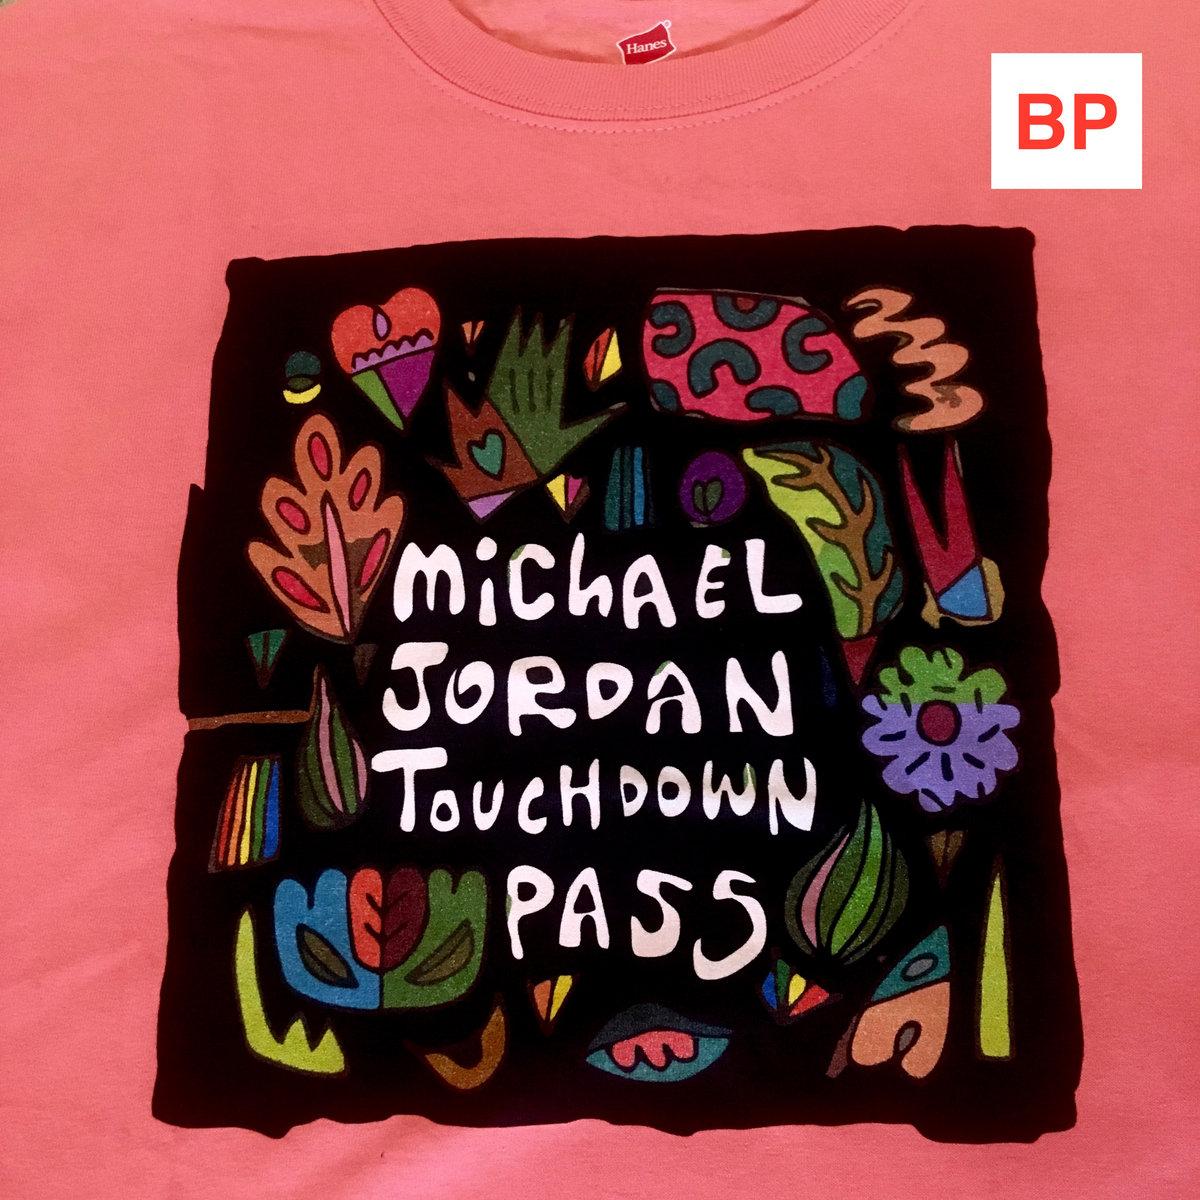 0477ce59e0f7a0 from Michael Jordan Touchdown Pass. T-Shirt Apparel.  beautifulhoodcrumb  design main photo ·  beautifulhoodcrumb design photo ·  beautifulhoodcrumb  design ...